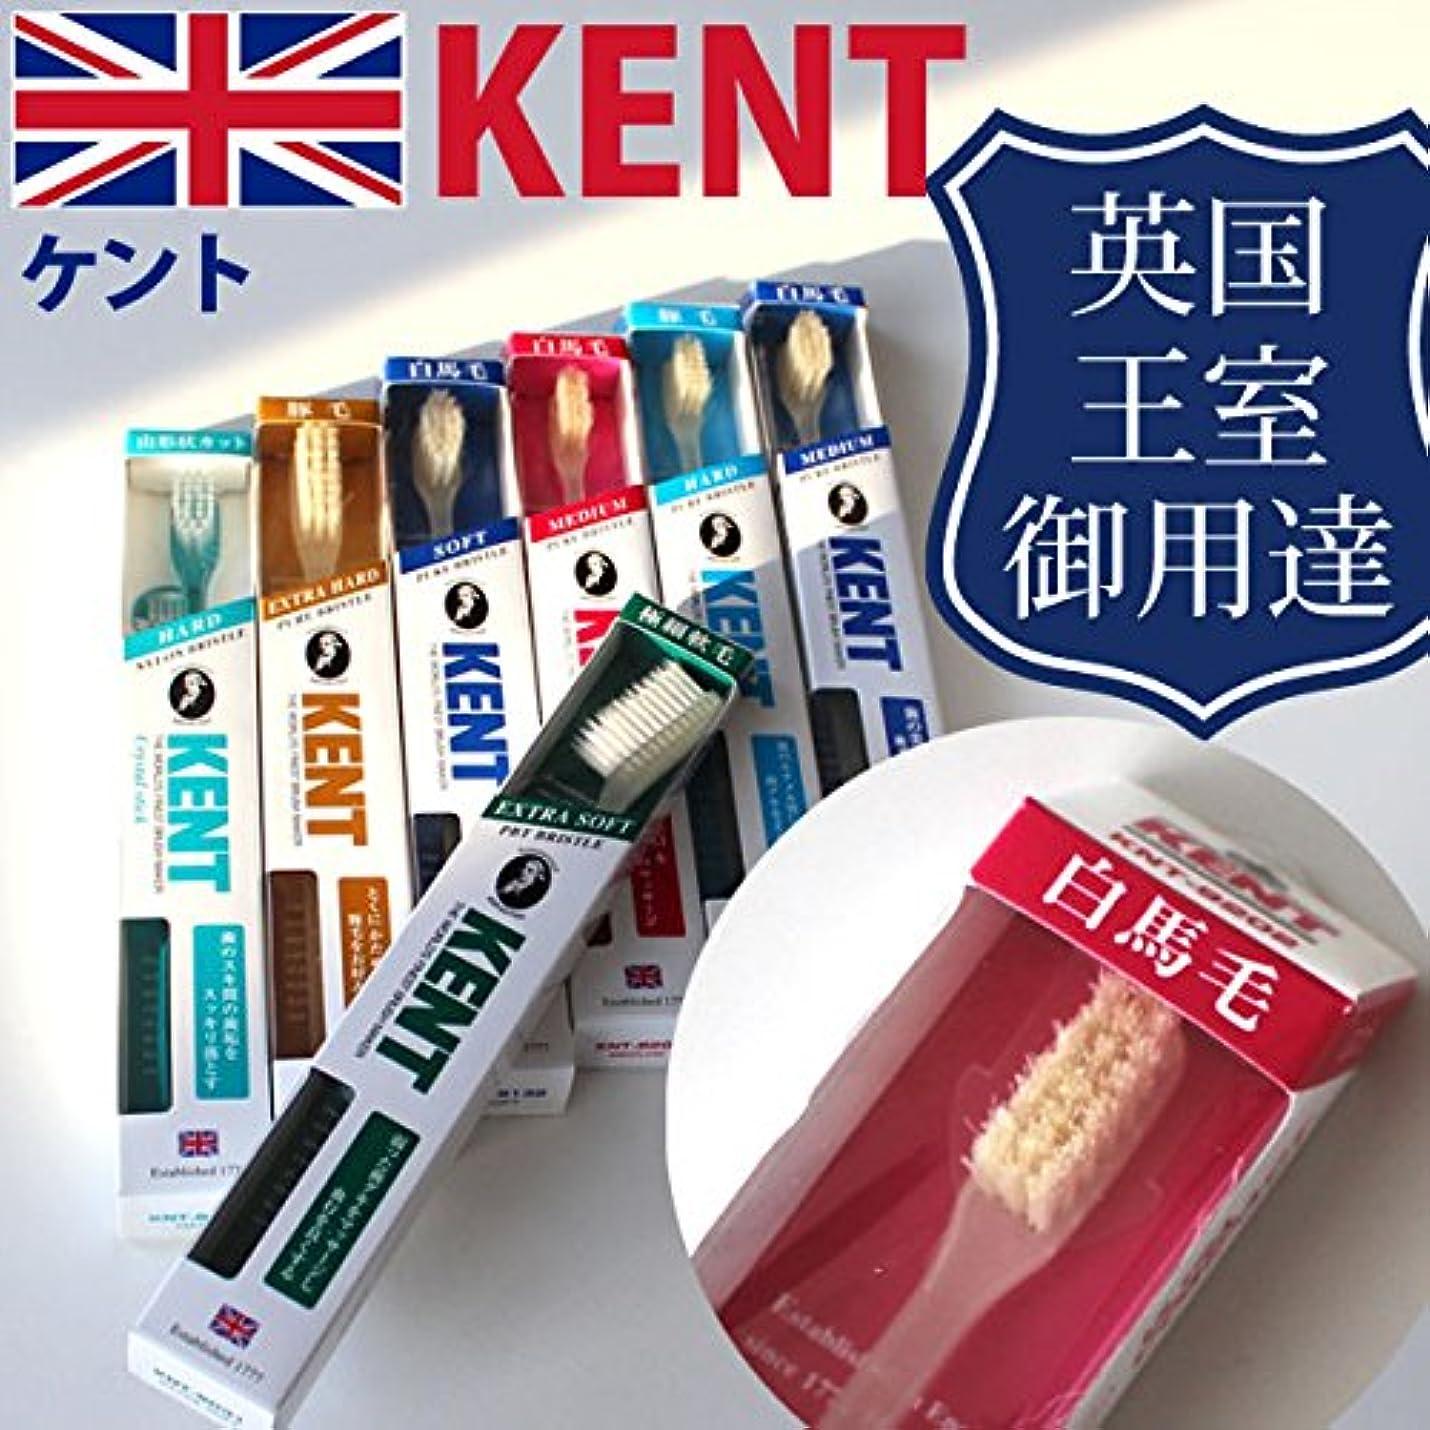 長椅子服故意のケント KENT 白馬毛 超コンパクト歯ブラシ KNT-9102/9202 6本入り 他のコンパクトヘッドに比べて歯 やわらかめ